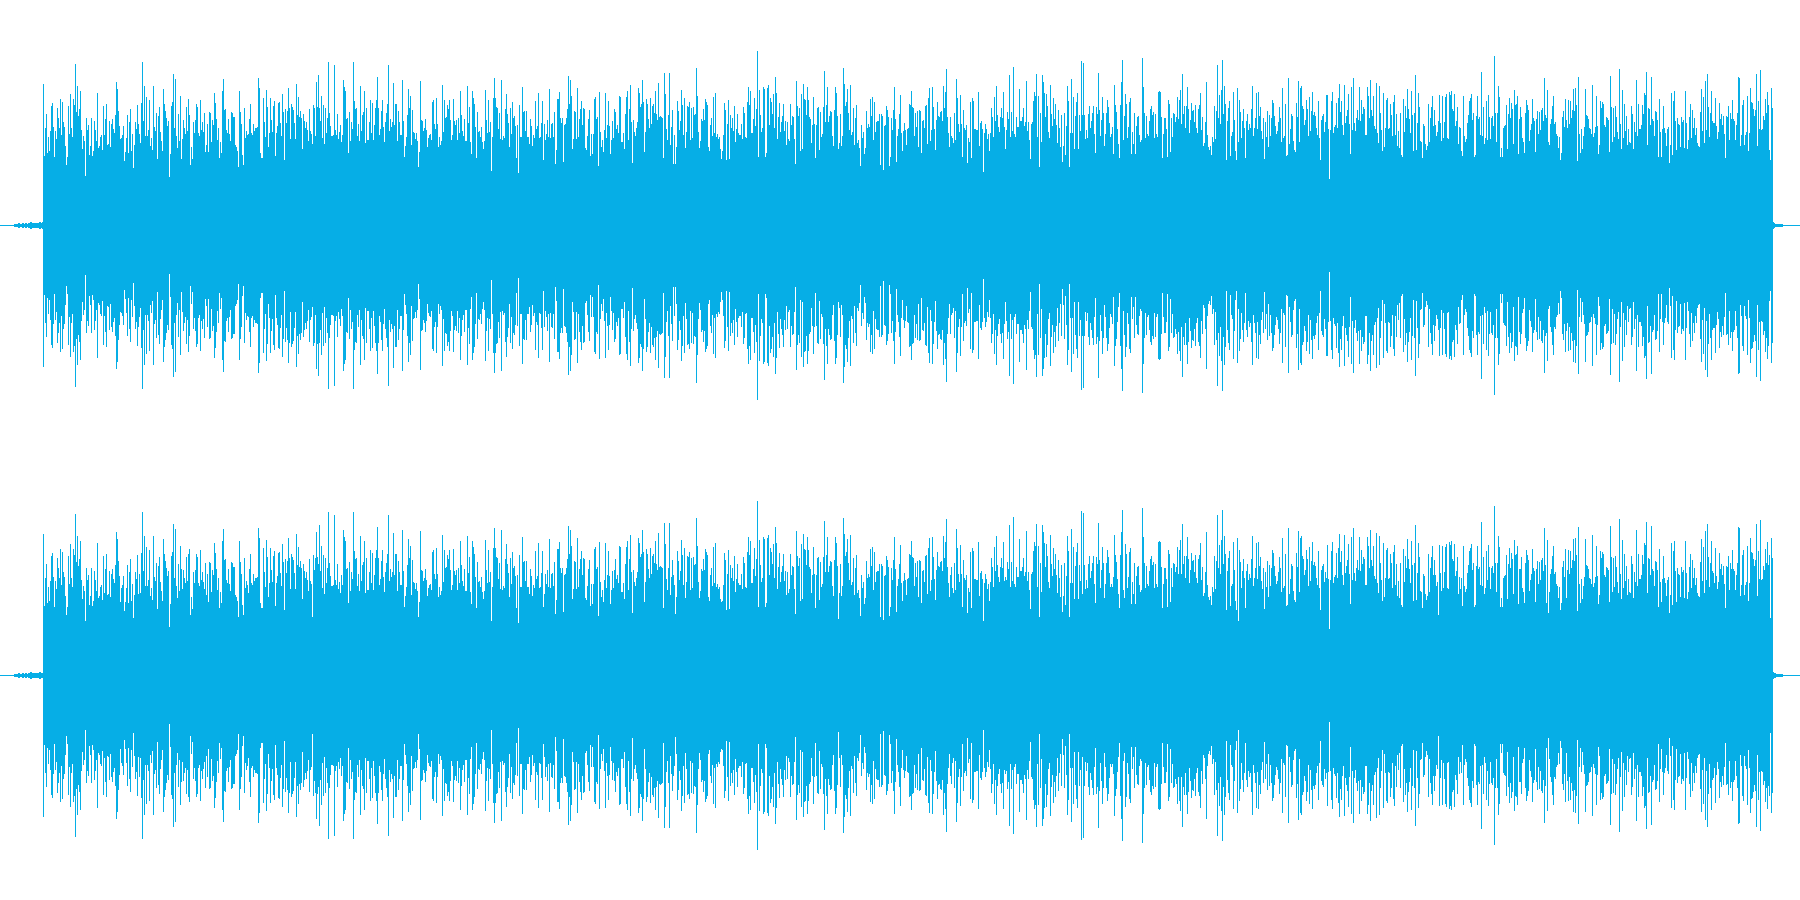 ザーッ、というホワイトノイズですの再生済みの波形